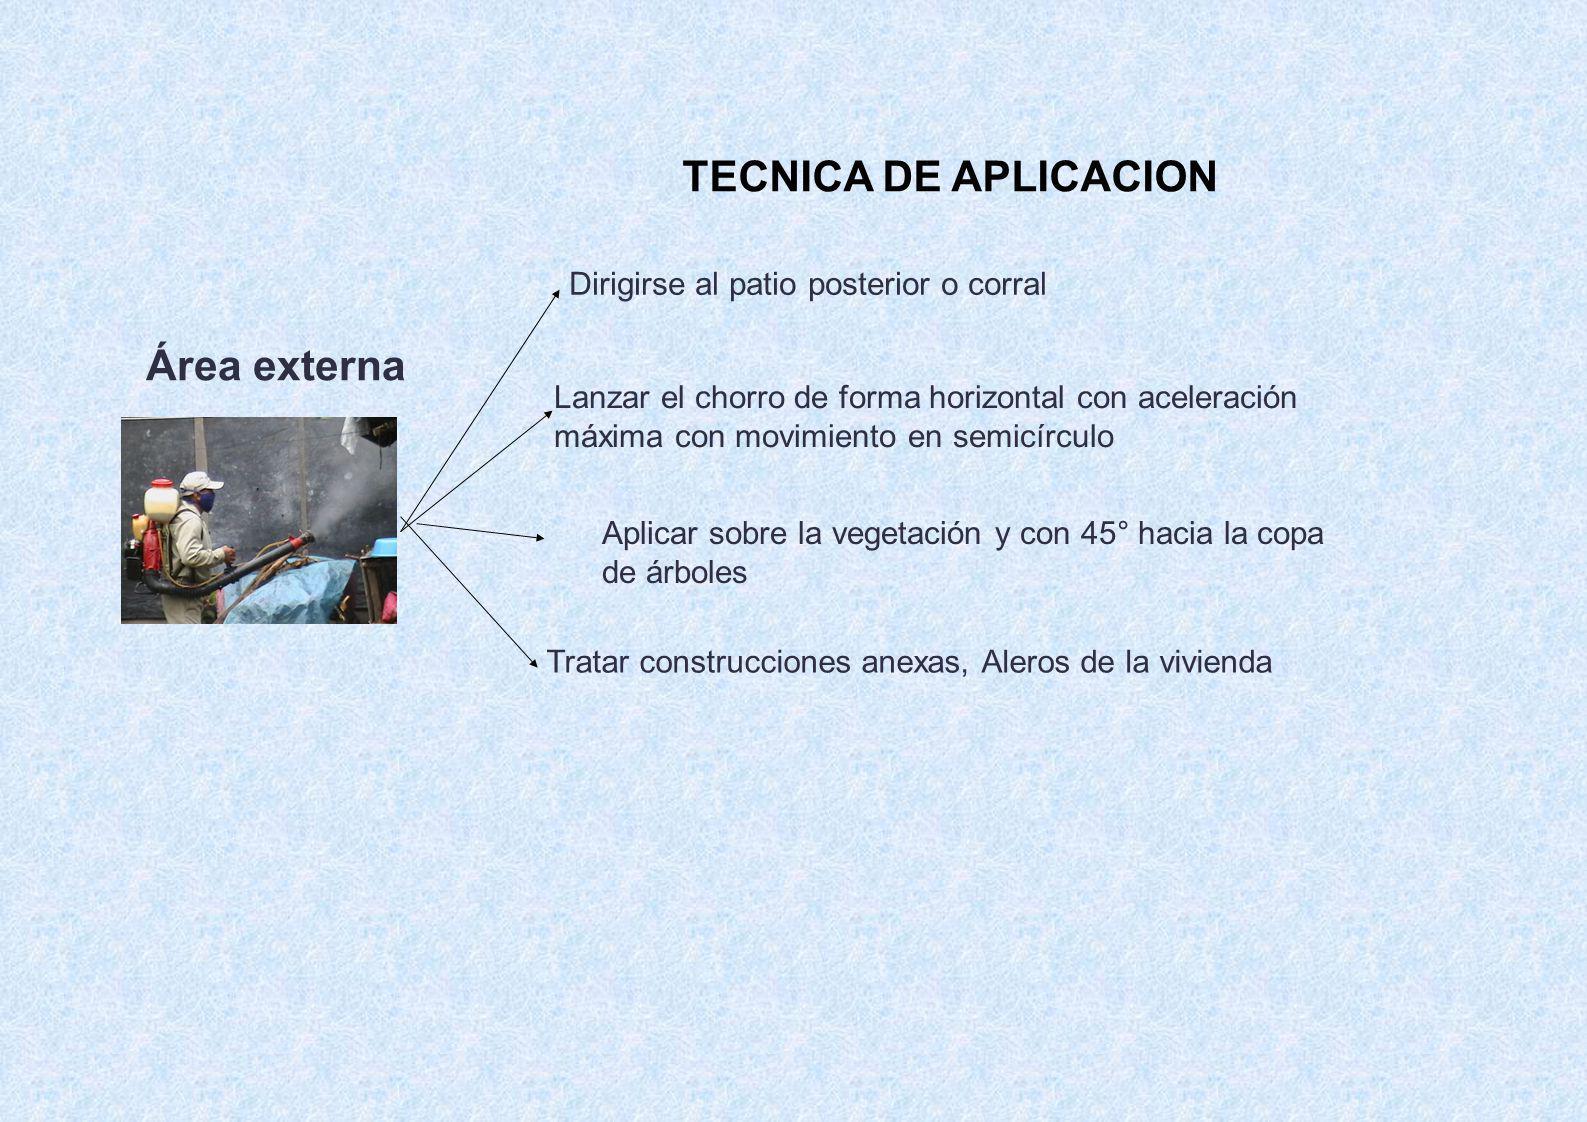 TECNICA DE APLICACION Dirigirse al patio posterior o corral Lanzar el chorro de forma horizontal con aceleración máxima con movimiento en semicírculo